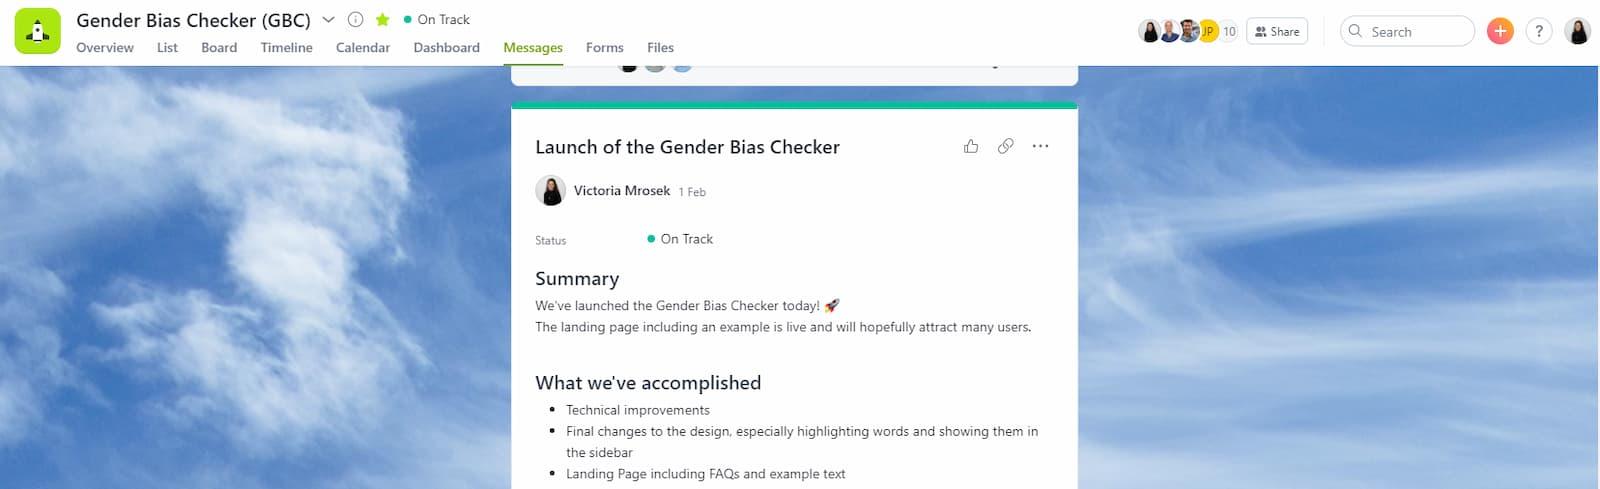 Étude de cas Asana - Scribbr - Interface produit - Aperçu d'un rapport d'avancement dans le projet Vérificateur de préjugés sexistes